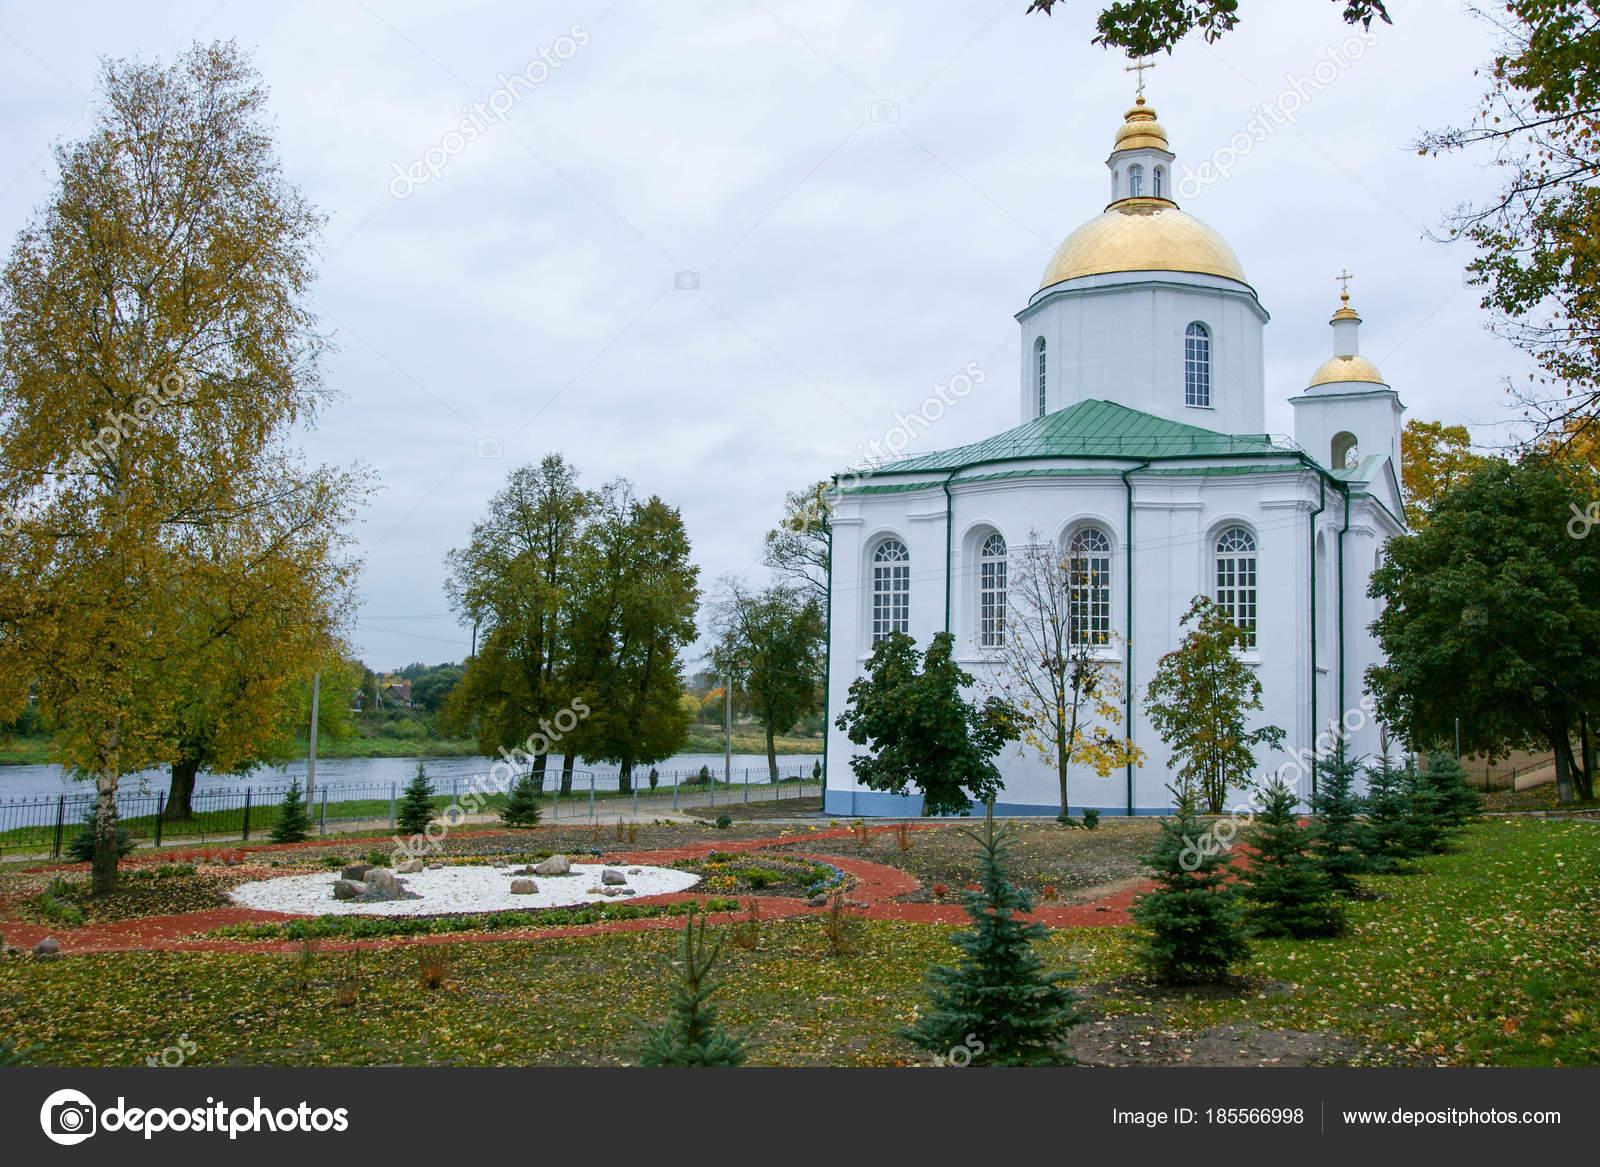 Pareti Bianche E Oro : Chiesa dell epifania polotsk bielorussia pareti bianchi oro cupole